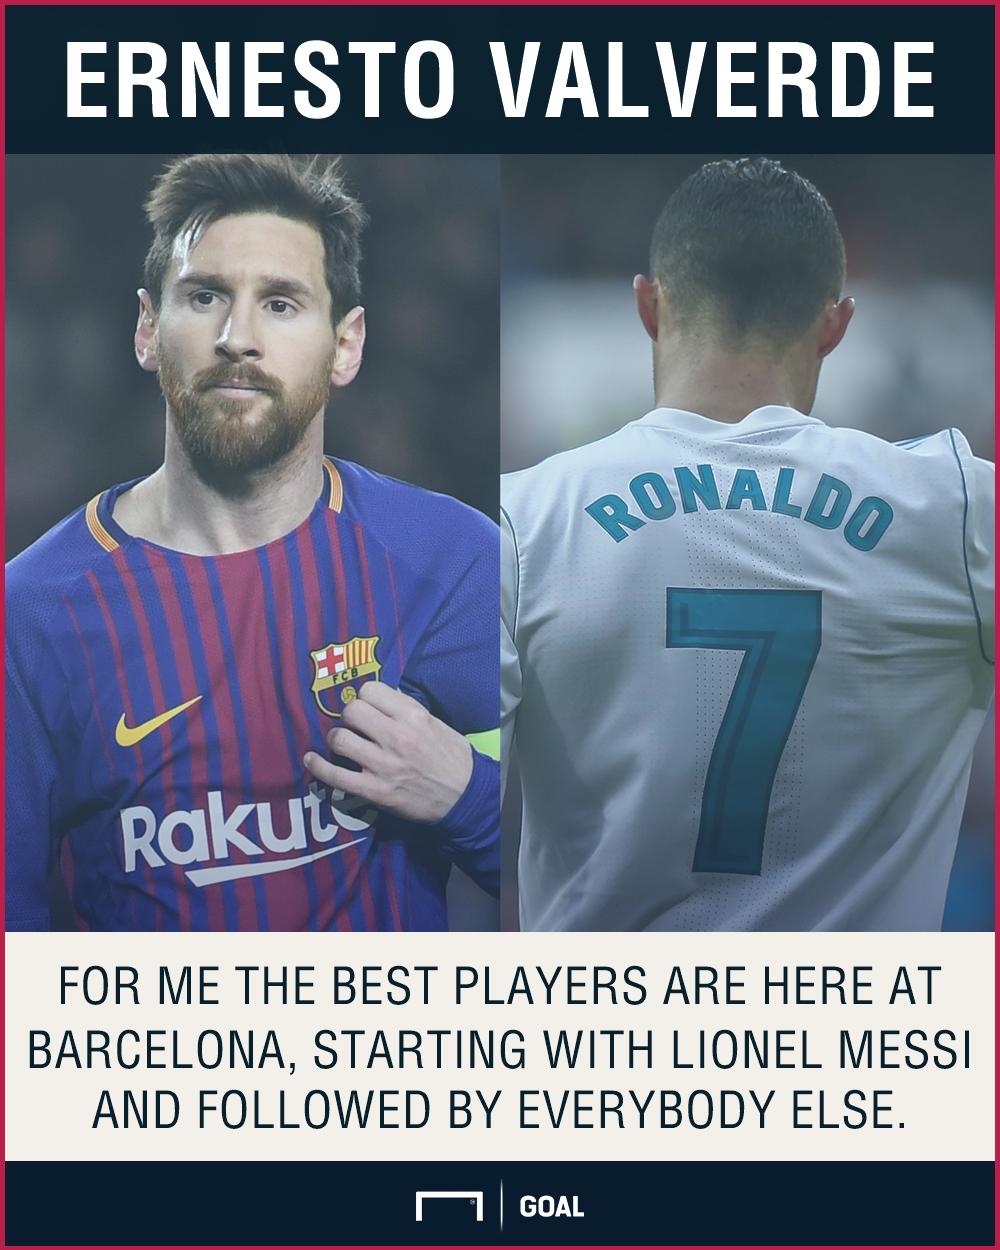 Ernesto Valverde Lionel Messi Barcelona best